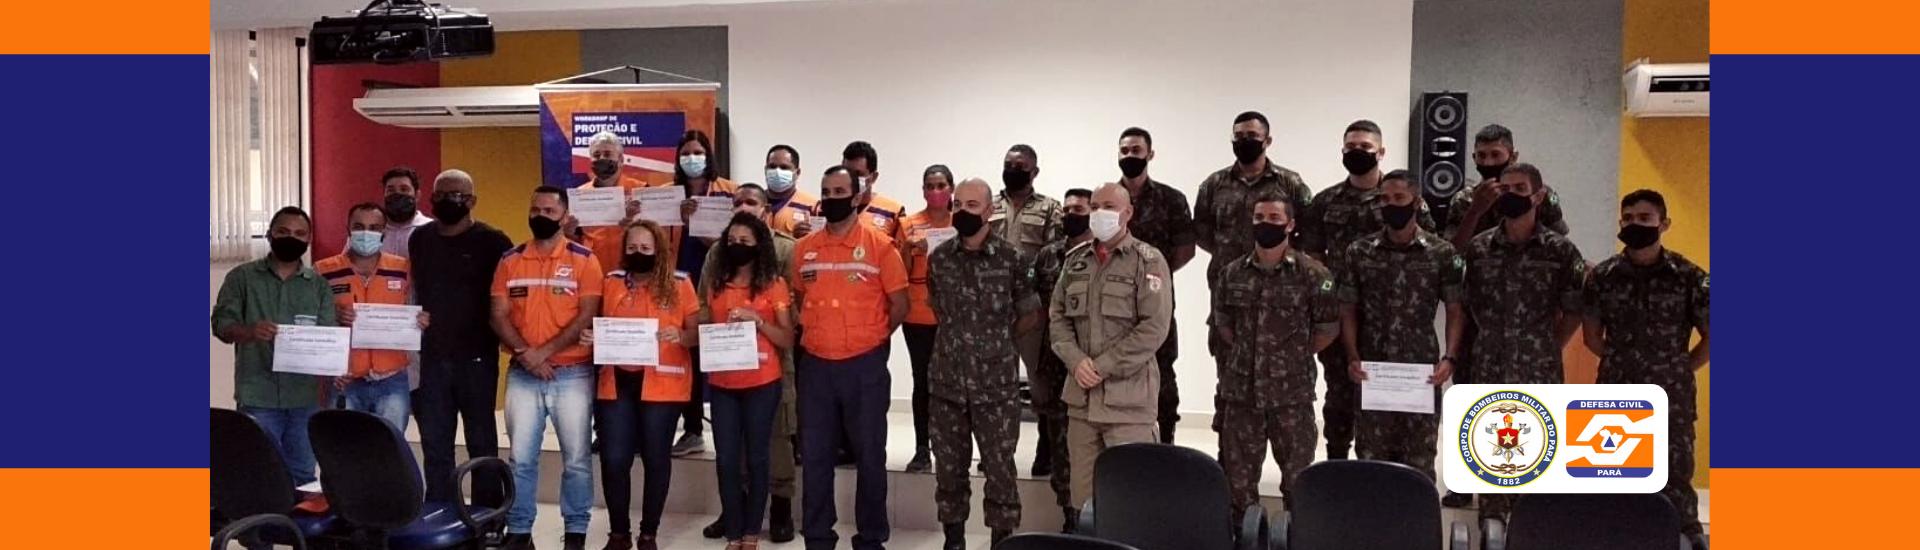 Defesa Civil do Estado realiza cerimônia simbólica do curso de capacitação no município de Marabá